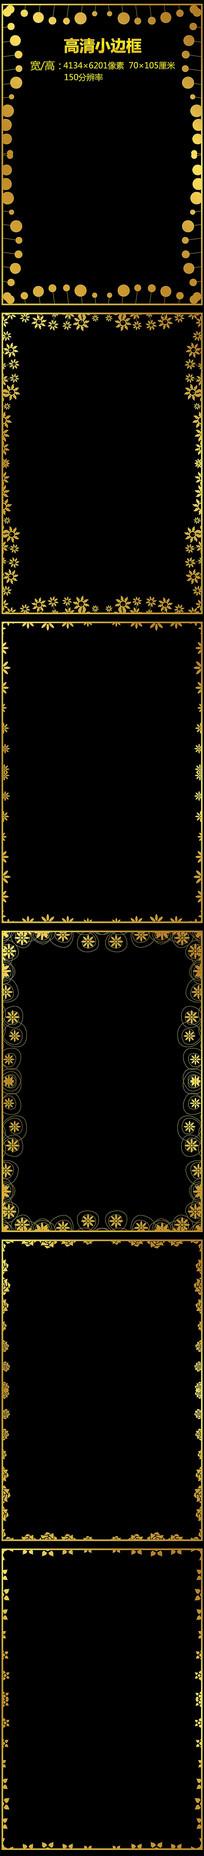 金色欧式花纹边框画框相框